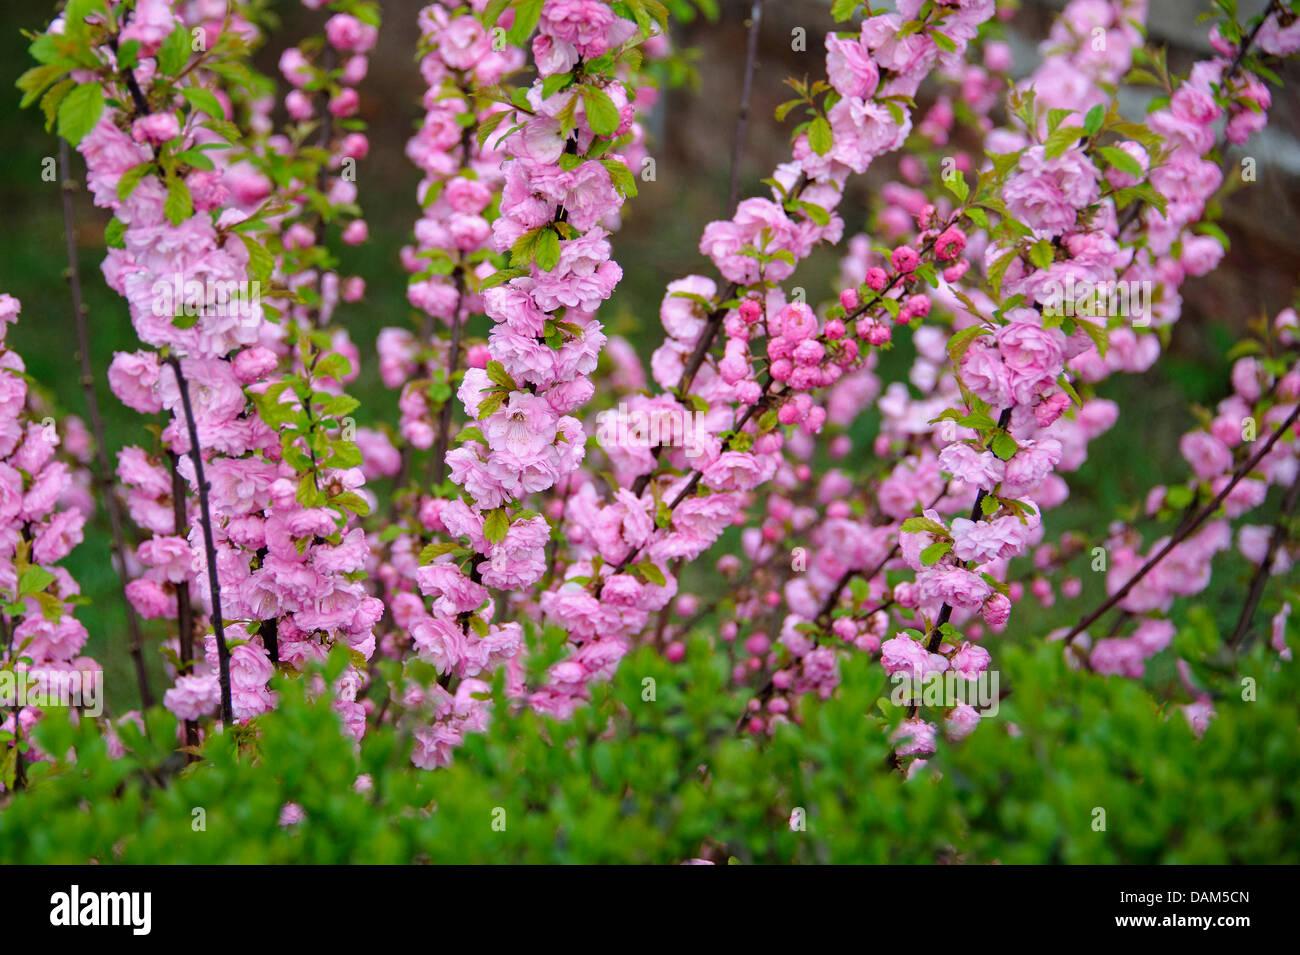 Prunus triloba (Prunus triloba 'Multiplex', Prunus triloba Multiplex), cultivar Multiplex, Germany, Saxony - Stock Image